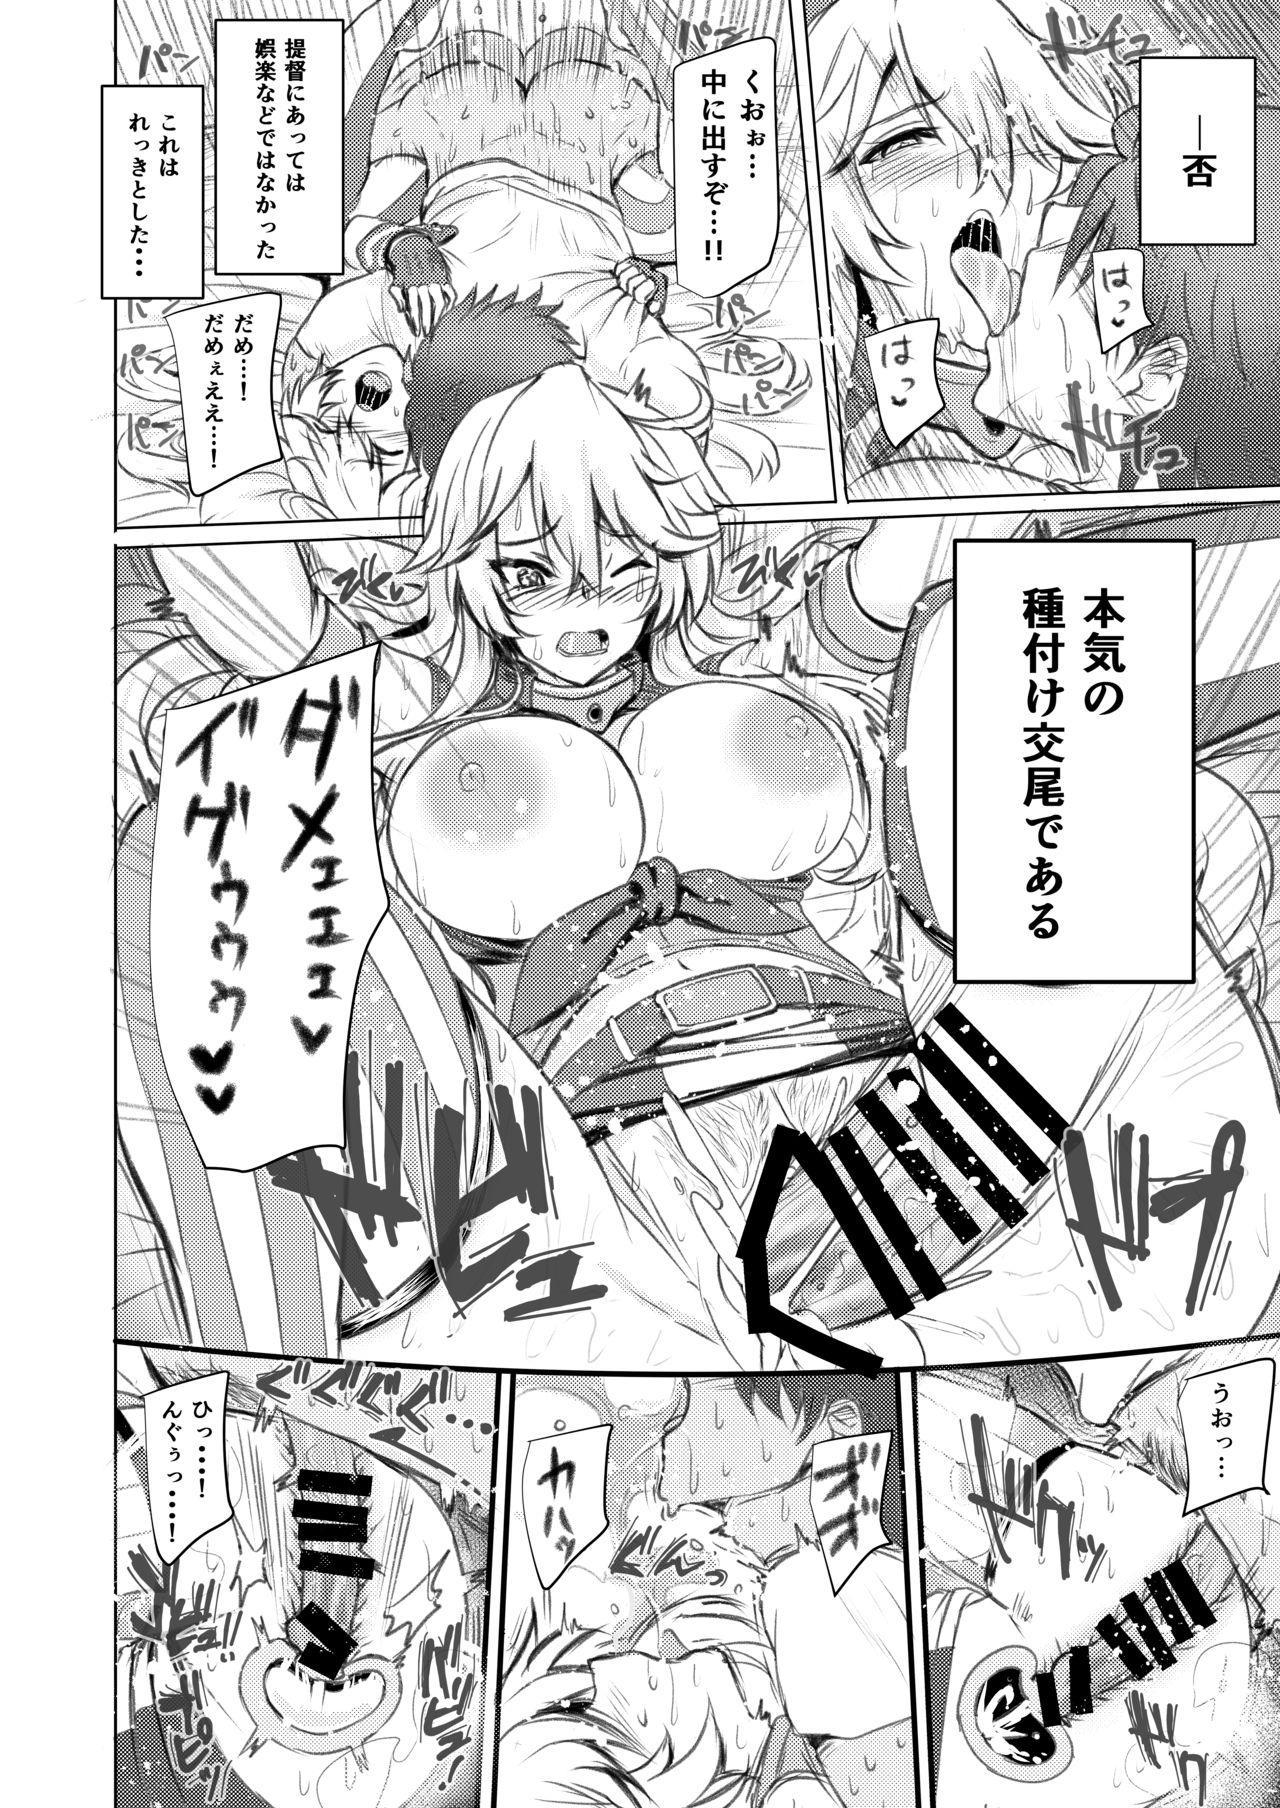 Iowa no Erohon - Iowa Hentai Manga 14